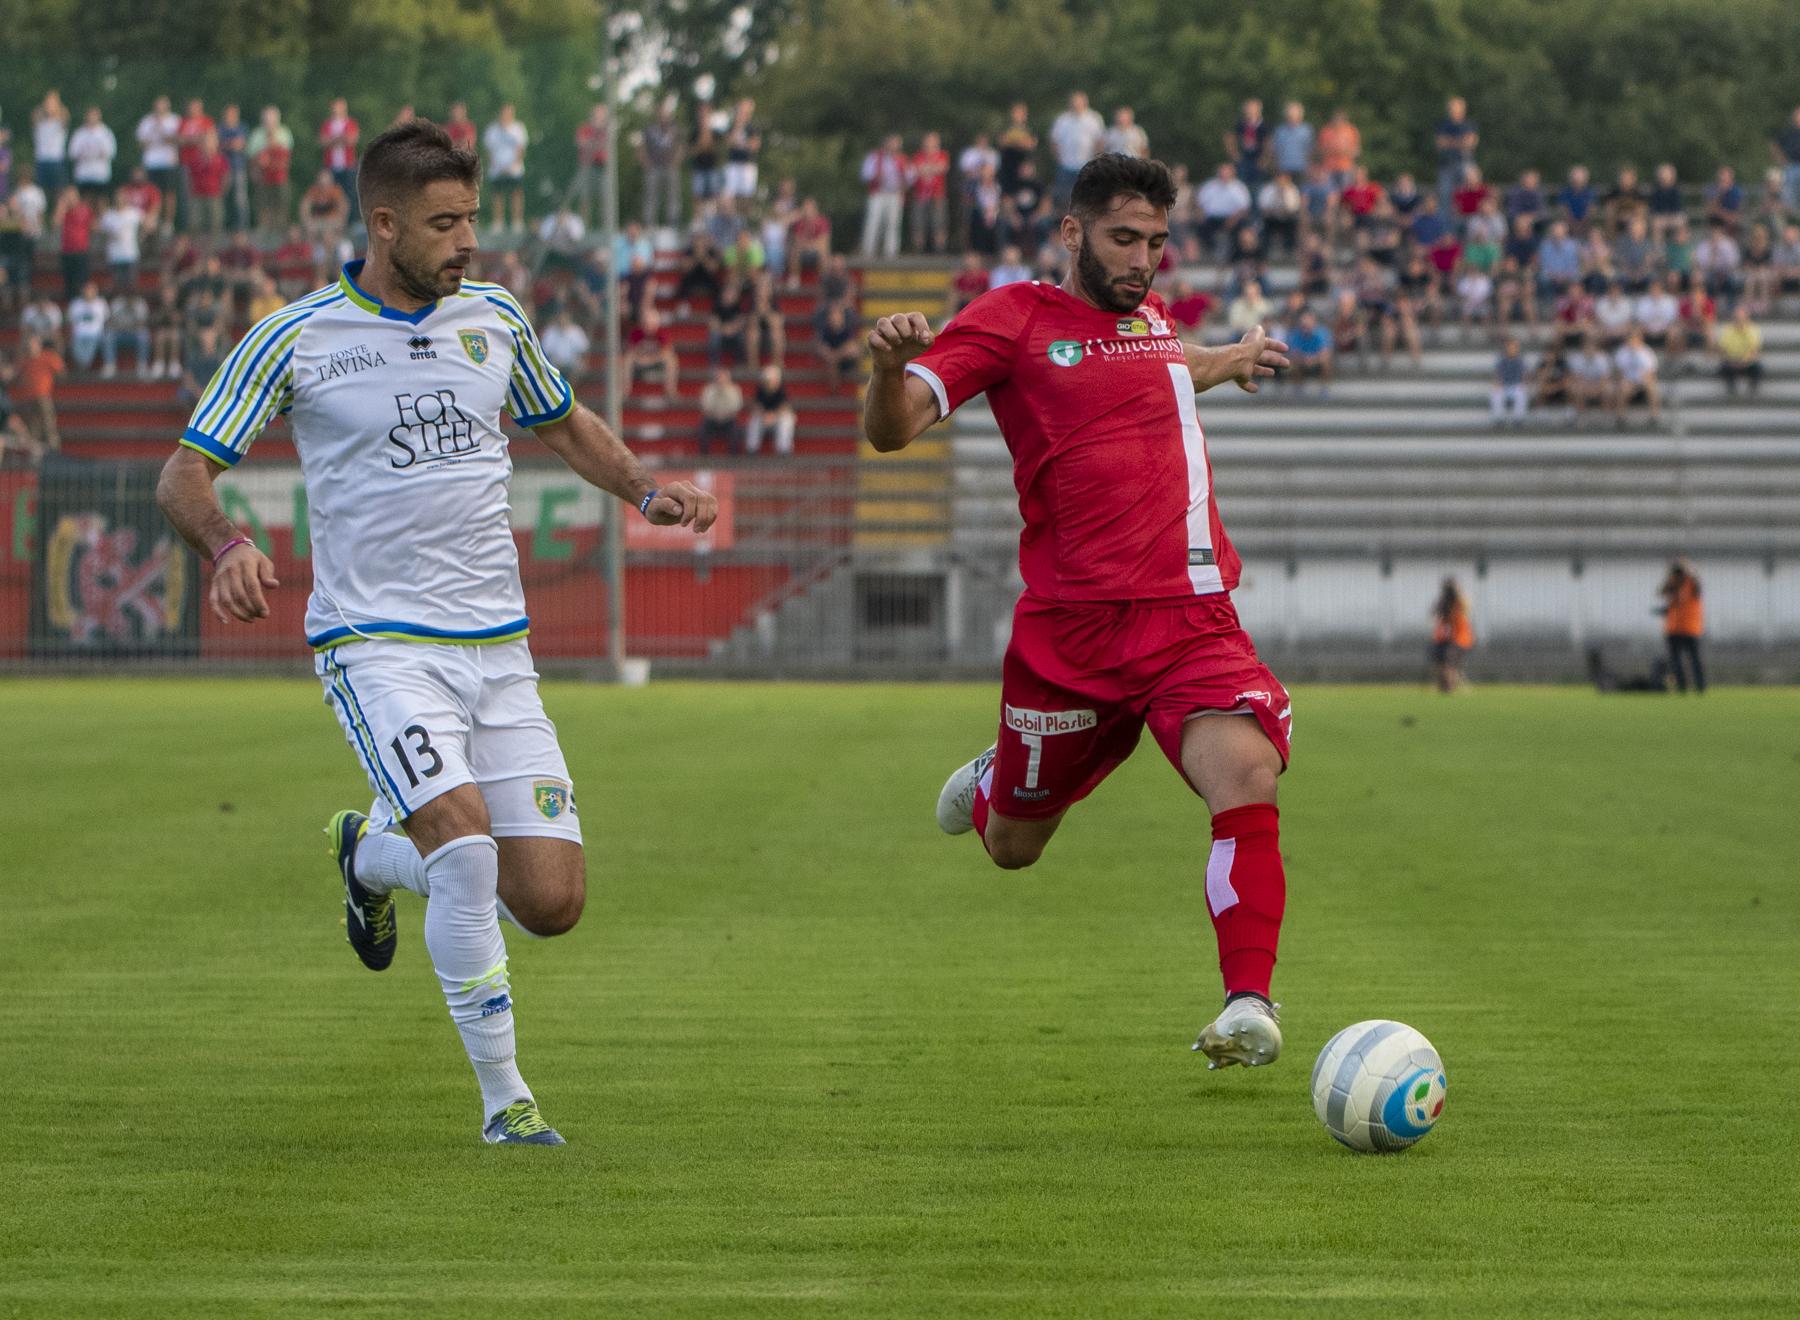 Maicol Origlio Monza calcio